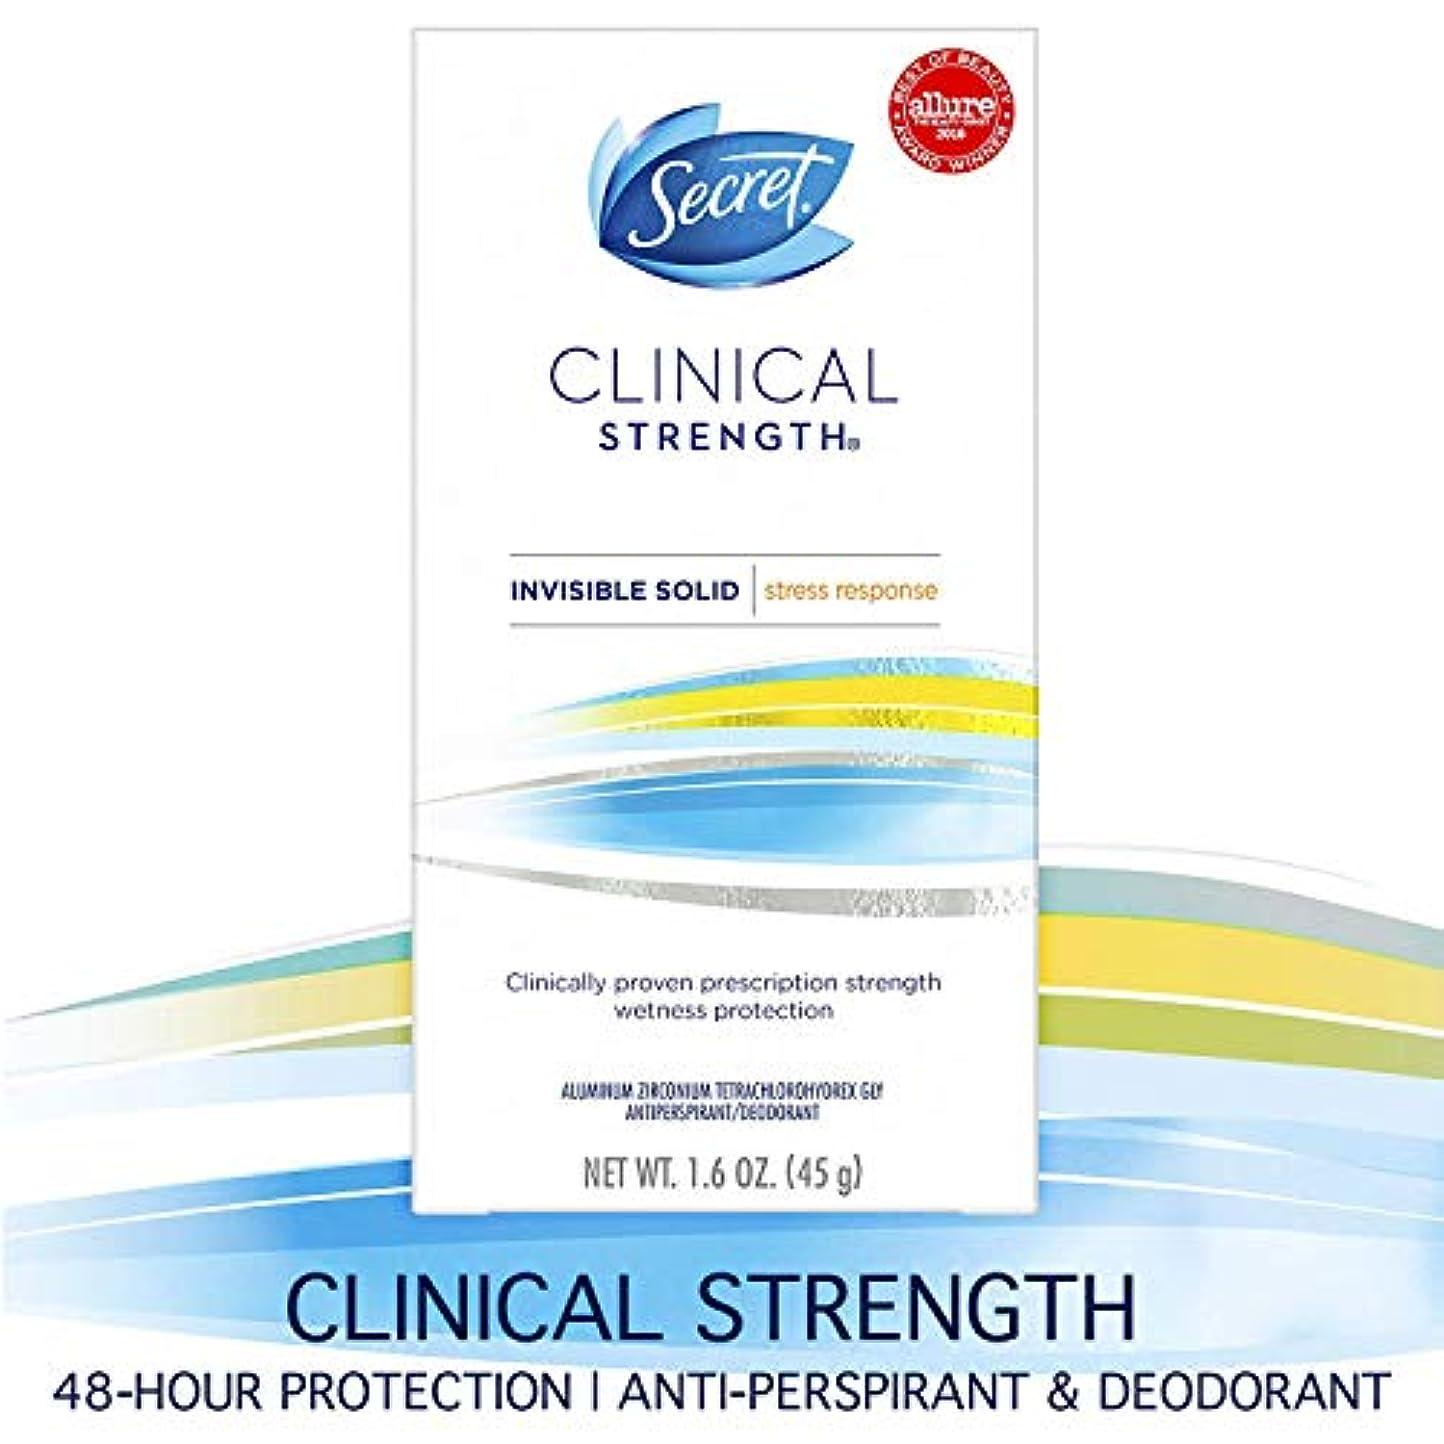 マウスそれに応じて機械的【ストレスレスポンス】白くならない魔法のソリッド シークレット クリニカル ストレングス 敏感肌用 制汗剤 Secret Clinical Strength Deodorant デオドラント 45g[並行輸入品] …